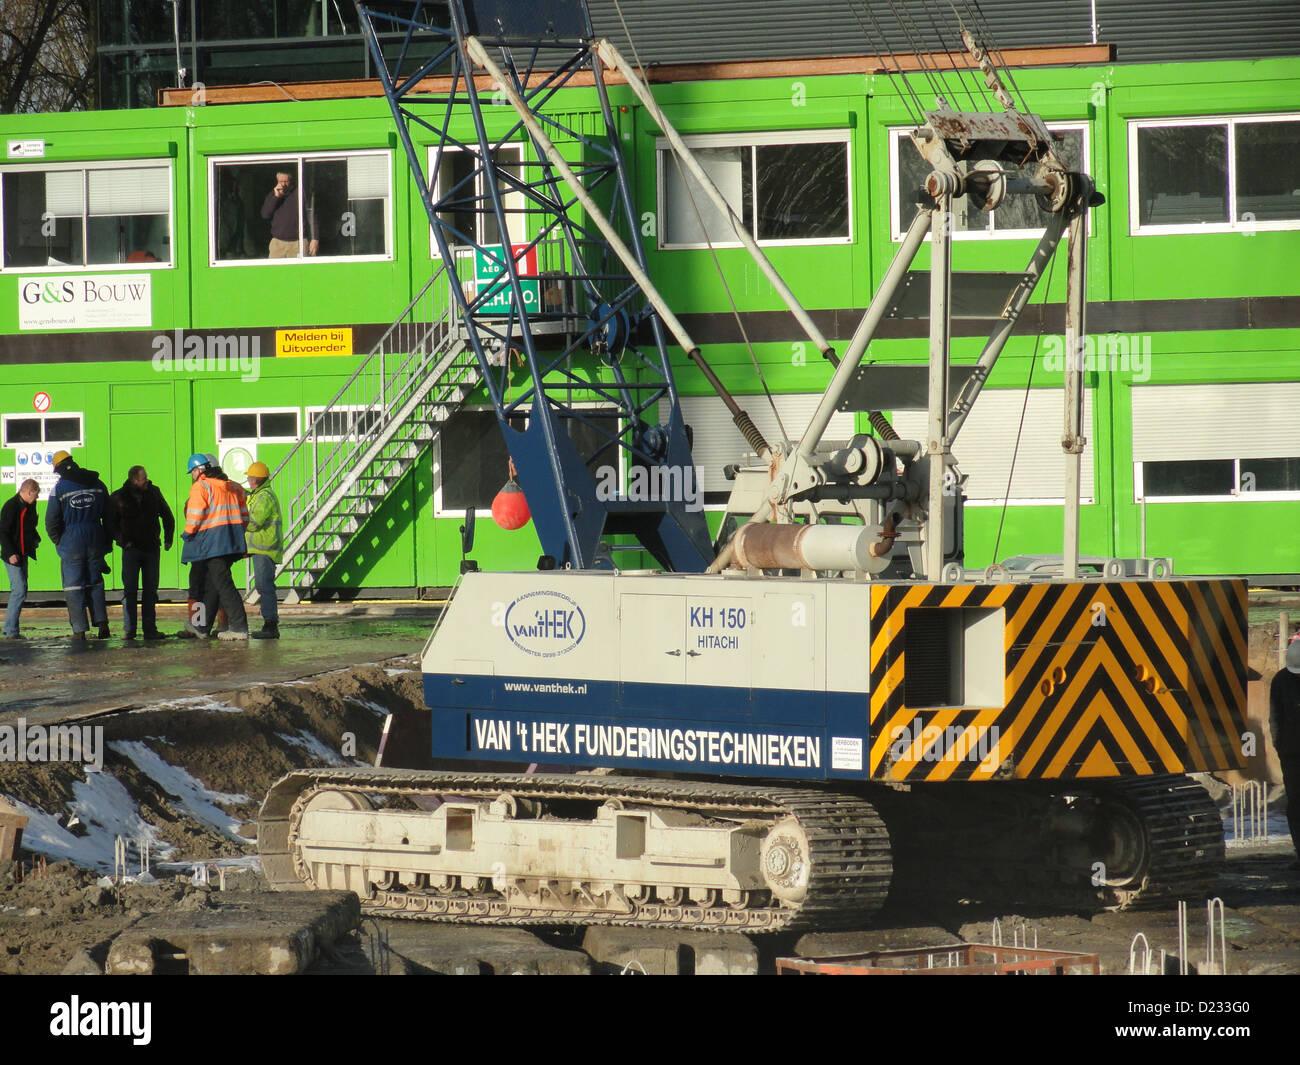 Hitachi KH 150 Leiden - Stock Image